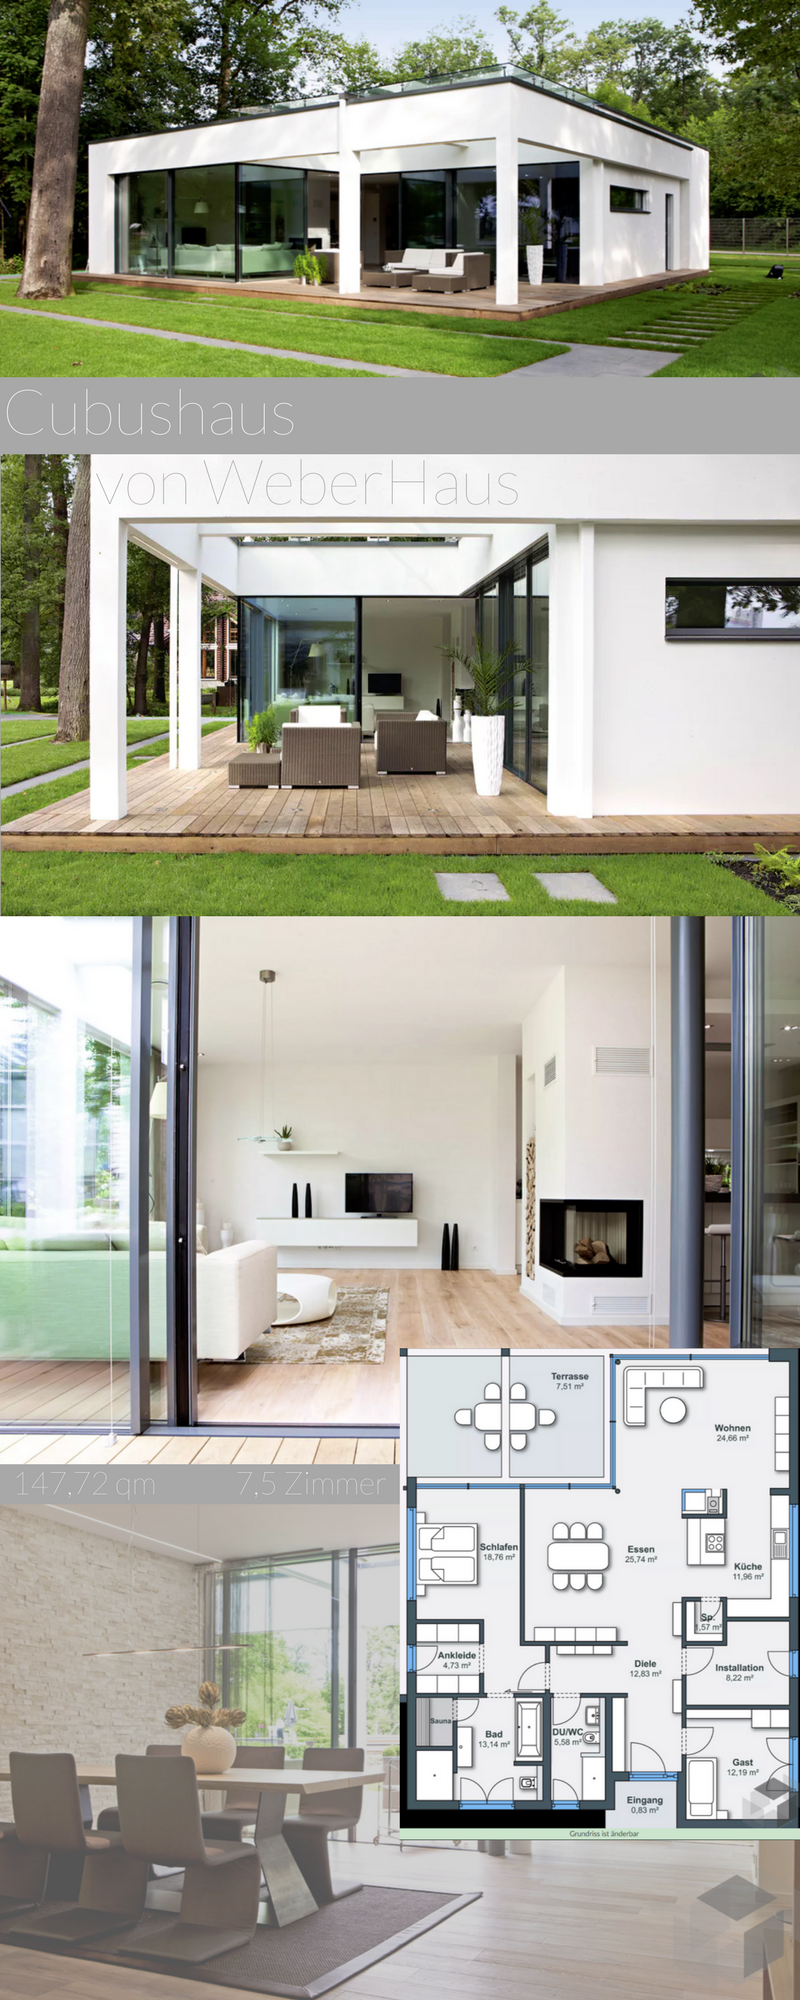 Ein modernes Cubushaus von Weberhaus mit hellen Räumen. ➤ Klick auf ...